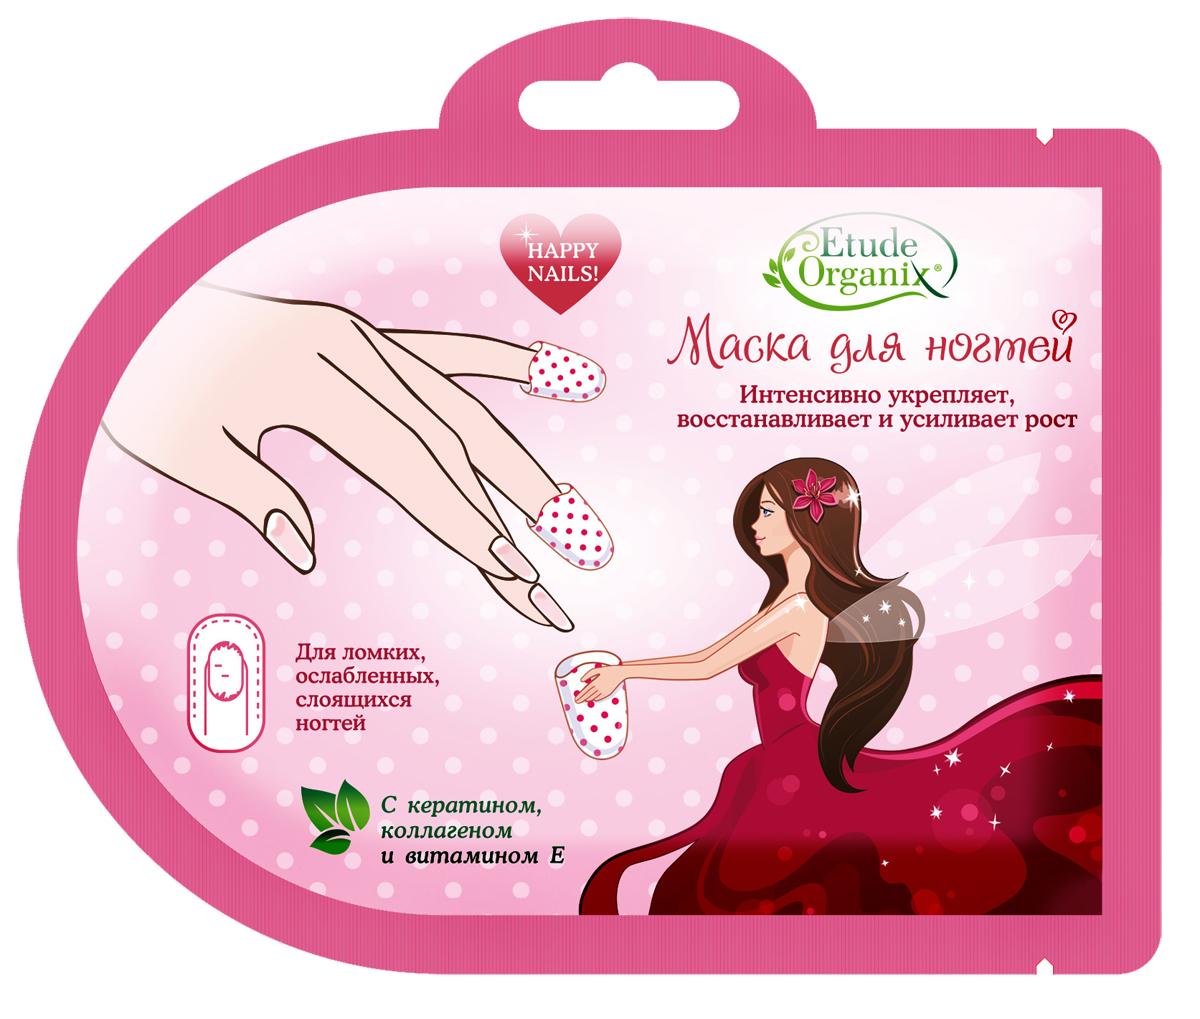 Маска для ногтей, 5 саше8809270621579Набор масок для ногтей. Комбинация коллагена и протеина сои (растительного кератина) восстанавливает структуру и защитные свойства ногтя, стимулирует деление клеток, способствует усиленному росту ногтевой пластины. Сочетание витамина Е с ценными маслами макадамии и манго препятствует расслоению, превосходно питает ногти и смягчает кутикулу, защищая ее от растрескивания и заусенцев. Инновационная маска Etude Organix плотно обволакивает каждый ноготок, обеспечивая максимально глубокое проникновение активных компонентов. Ногти становятся крепкими, гладкими и эластичными!Маска рекомендована для ухода за ломкими, слоящимися и медленно растущими ногтями, а также подходит для восстановления ногтей, ослабленных частым окрашиванием и наращиванием. Упаковка из 5 масок.